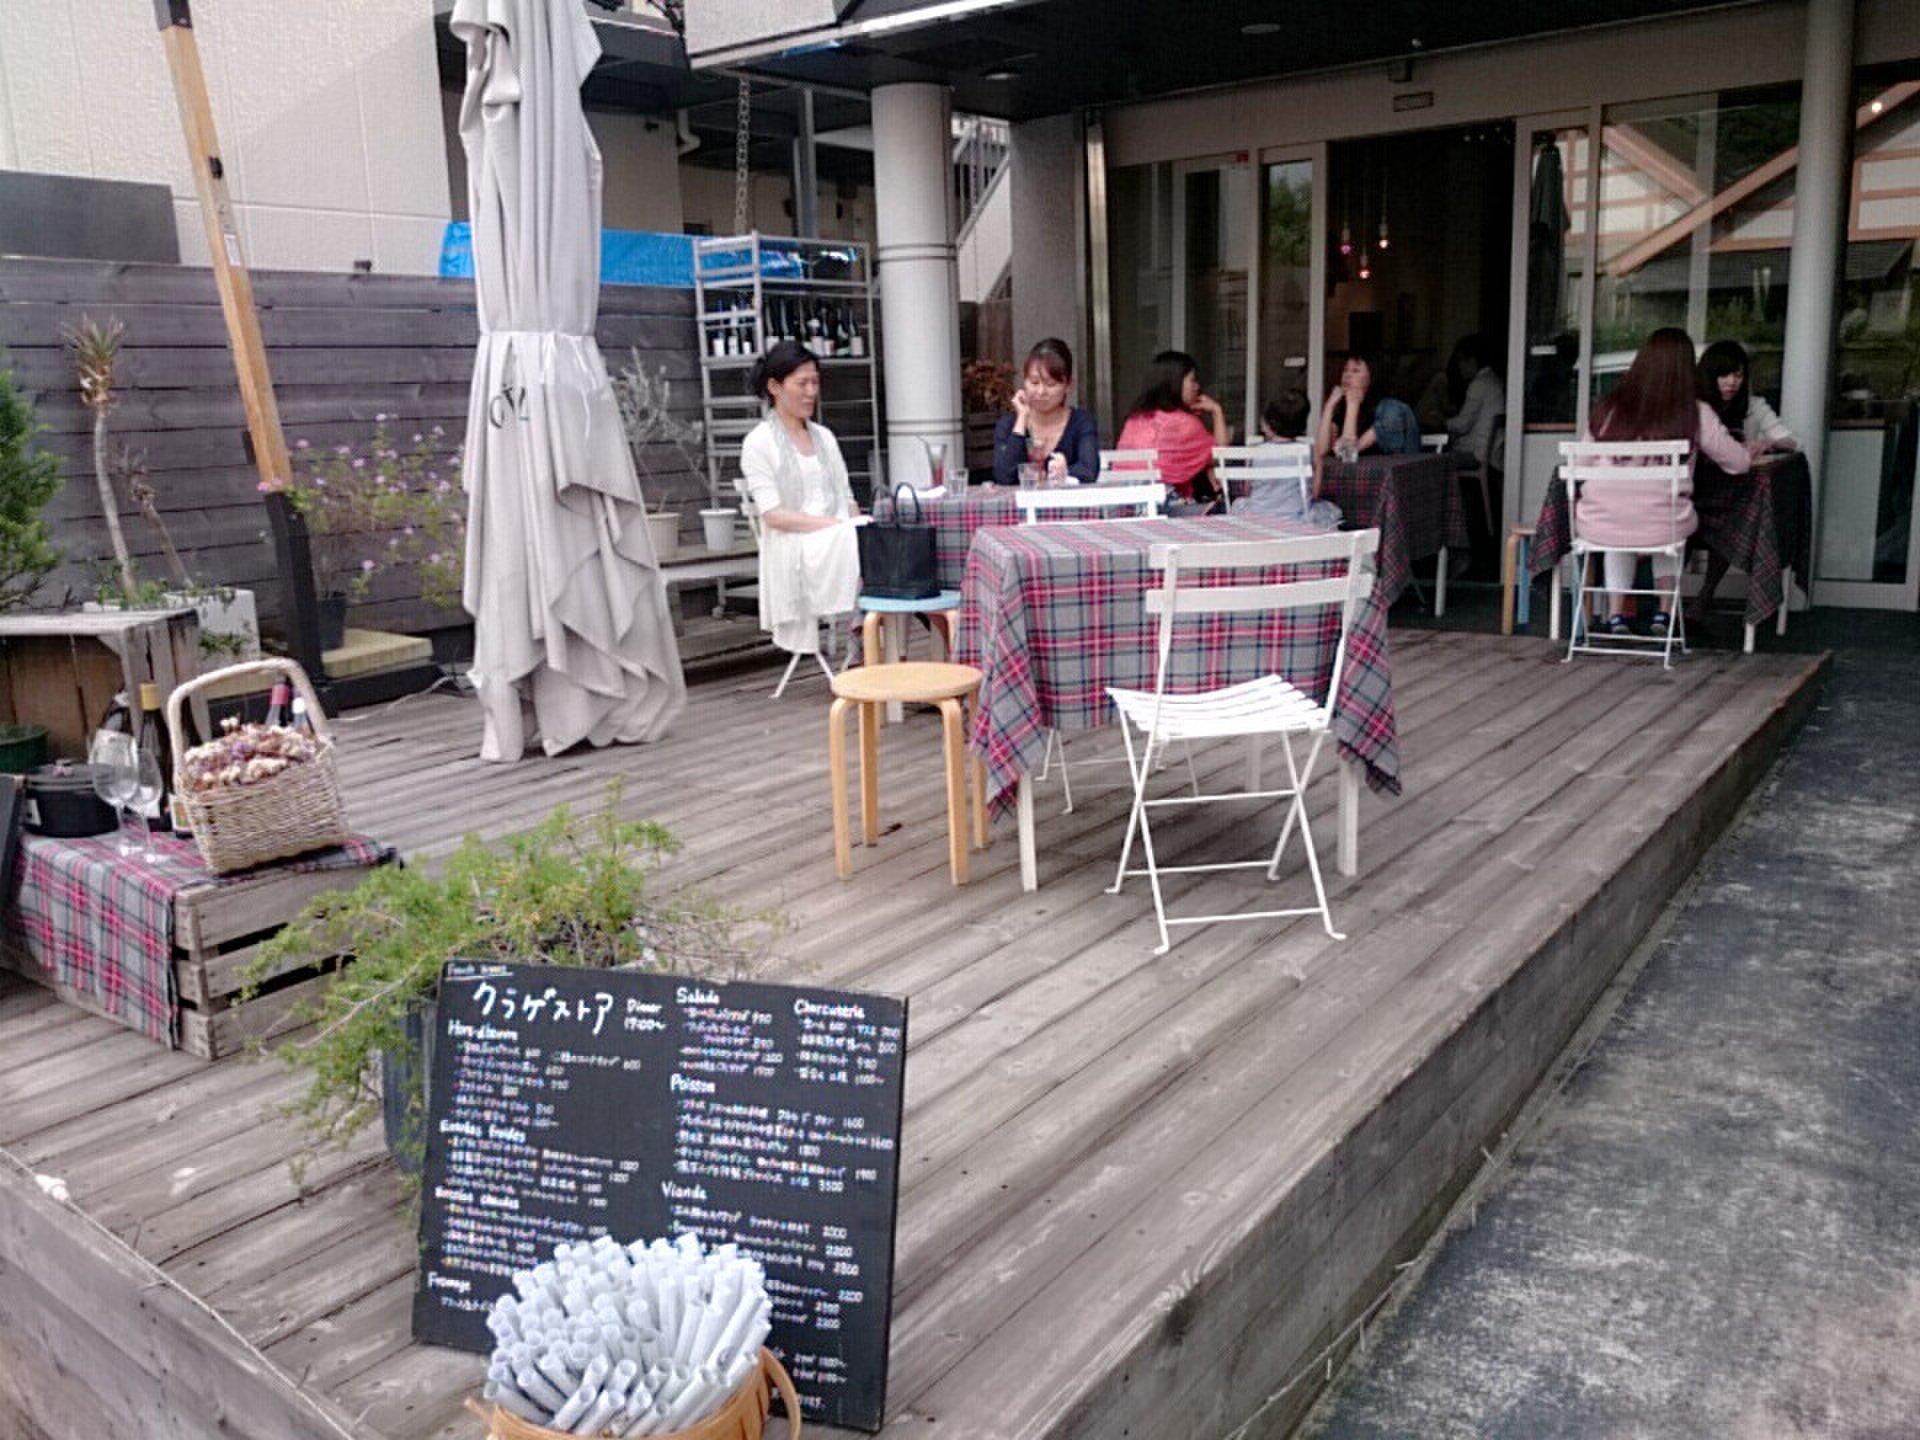 【自由が丘グルメデート】 テラスがあるお洒落カフェレストランまとめ! ランチやティータイムに